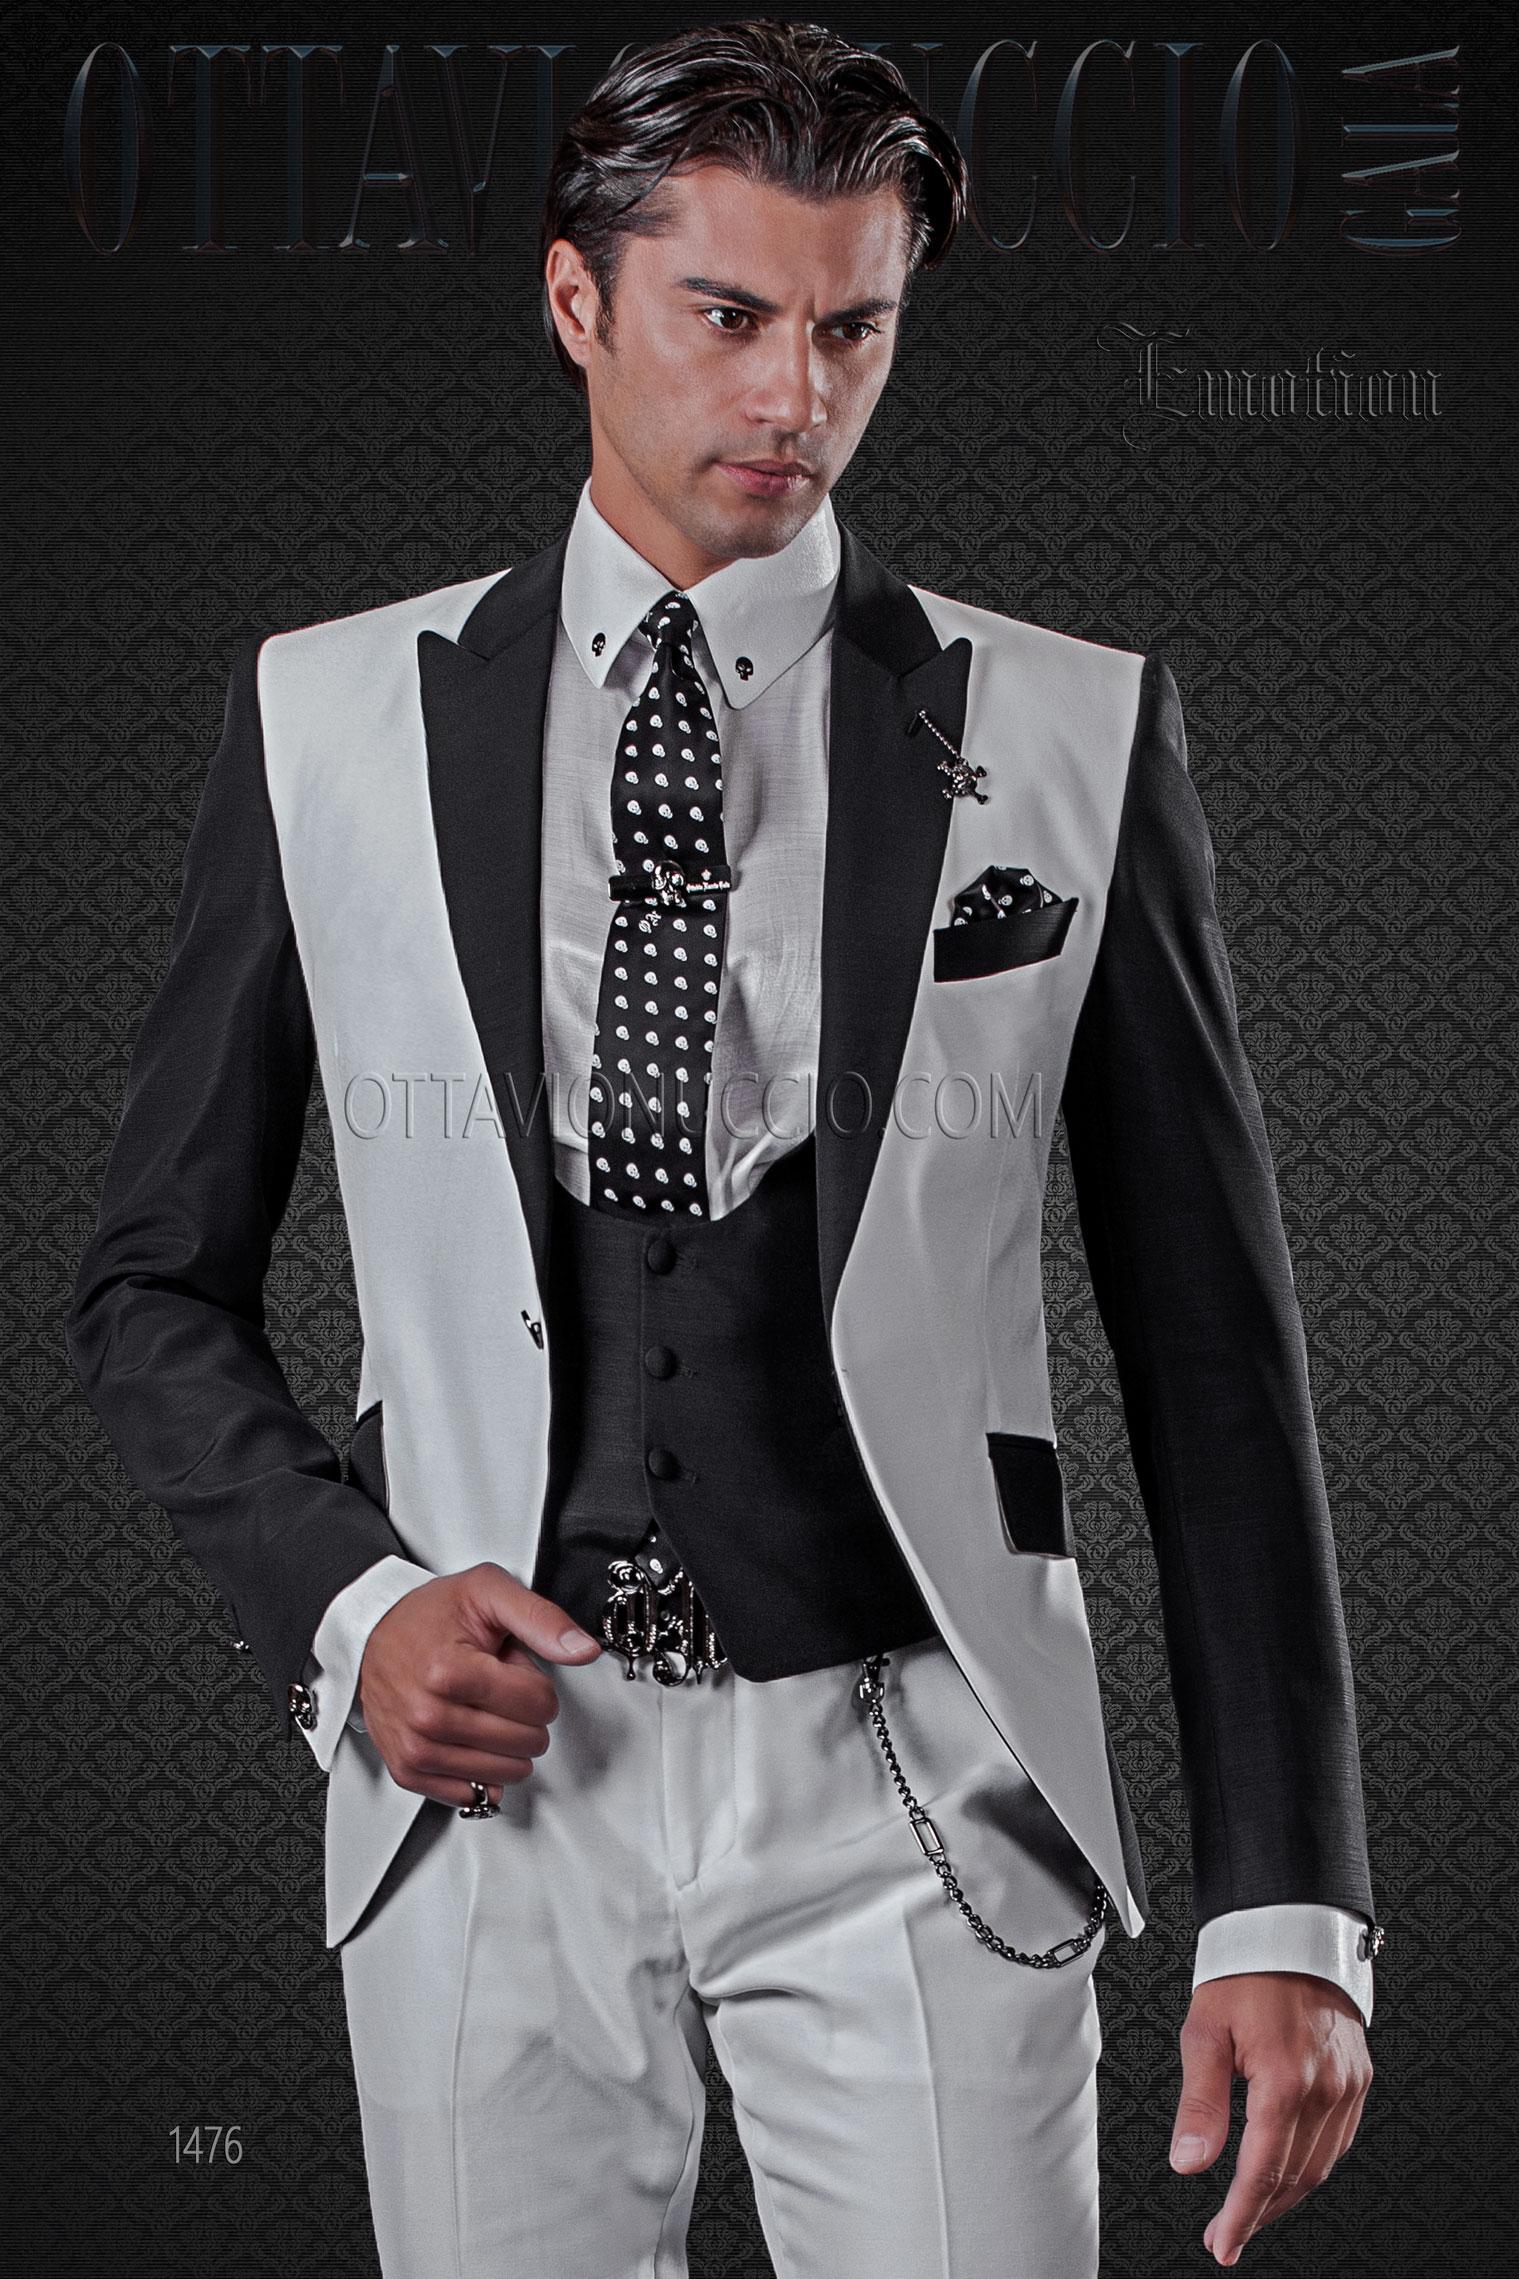 Visita eBay per trovare una vasta selezione di abito uomo bianco. Scopri le migliori offerte, subito a casa, in tutta sicurezza.